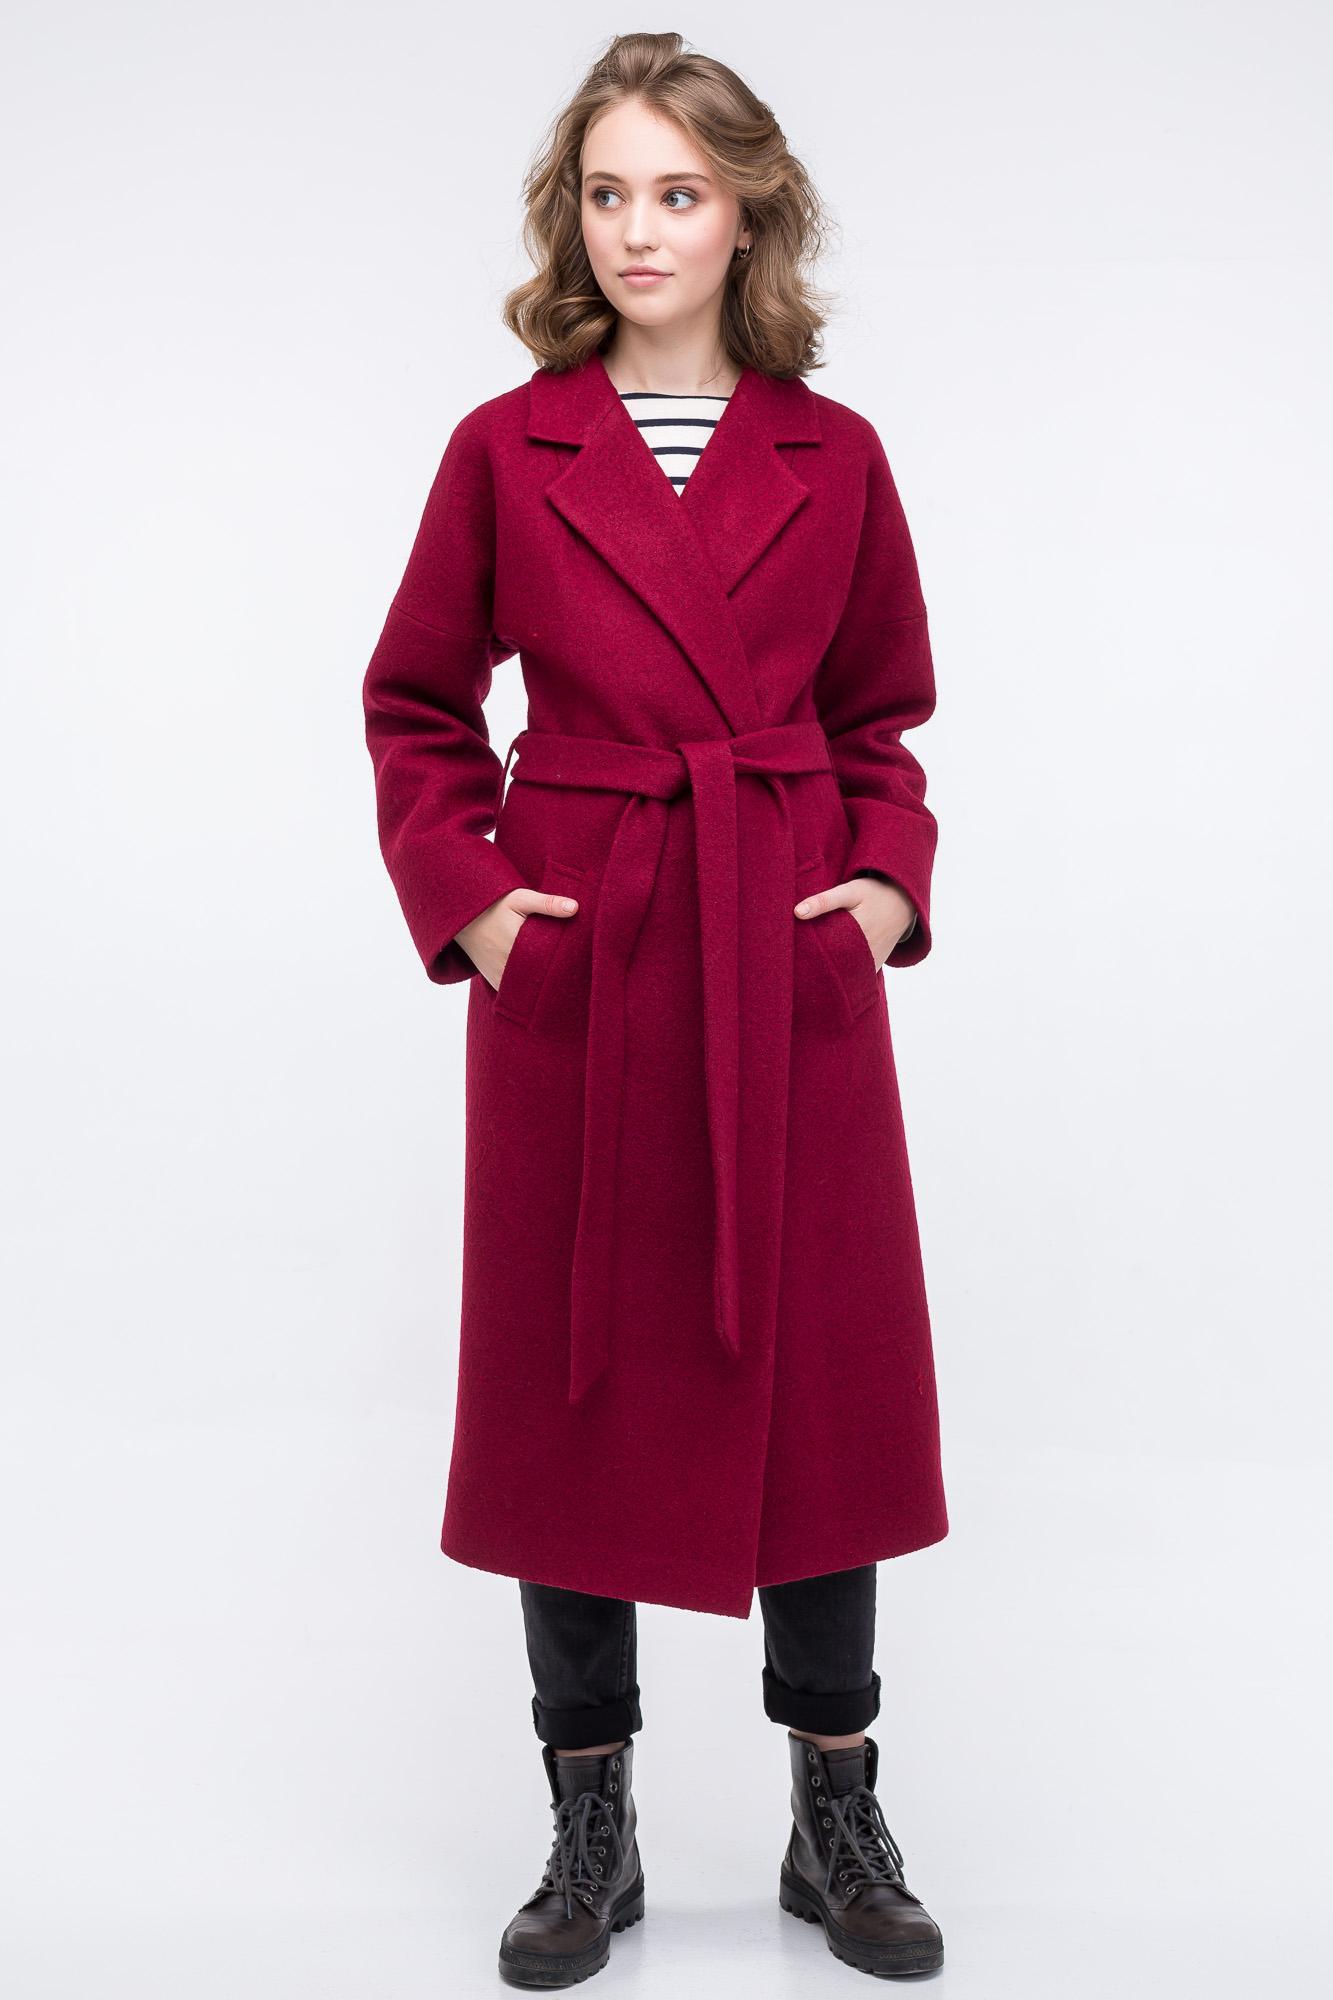 70a3c290f01e Пальто-халат винного цвета в магазине «WolfStore   SALE -50% ЗИМА ...